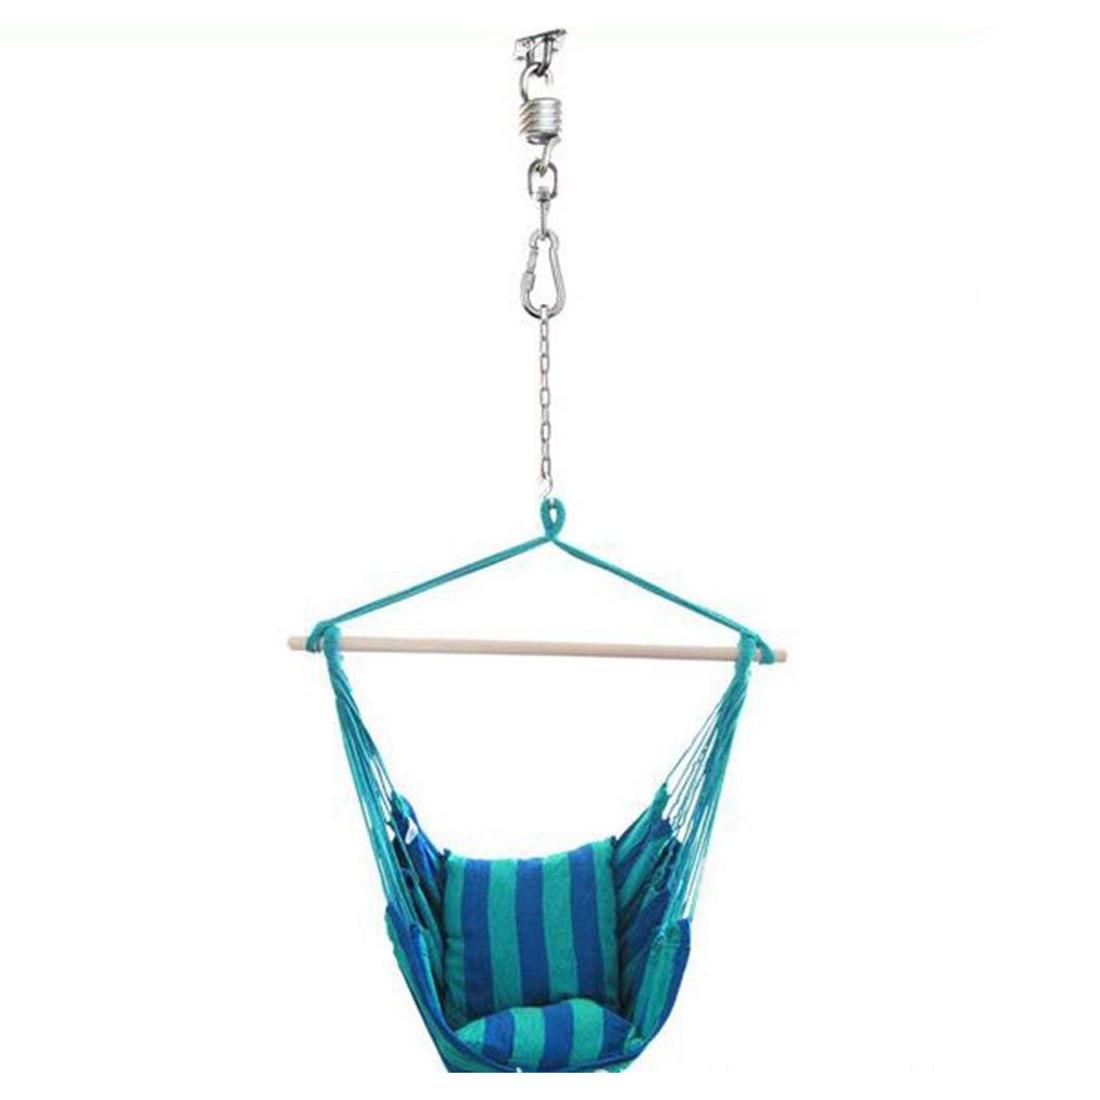 Swivel Hook For Hammock Swing Chair